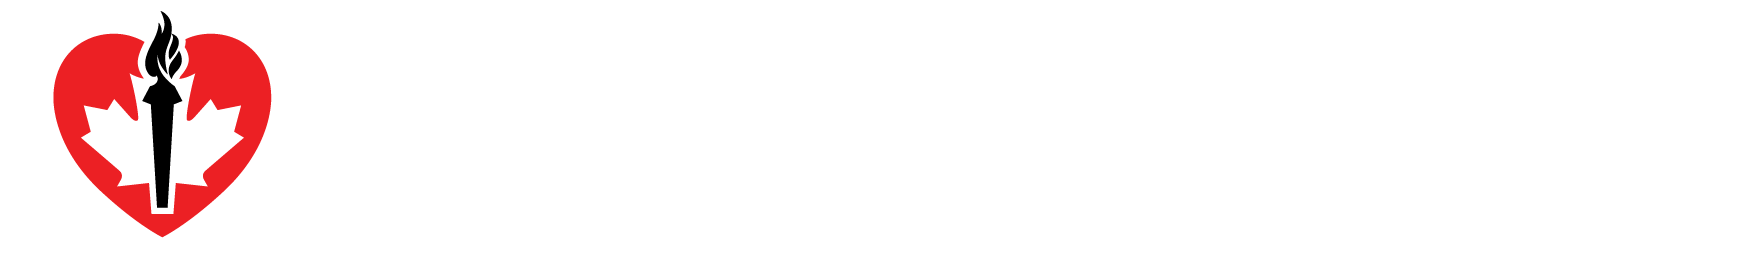 UofT Faculty of Medicine